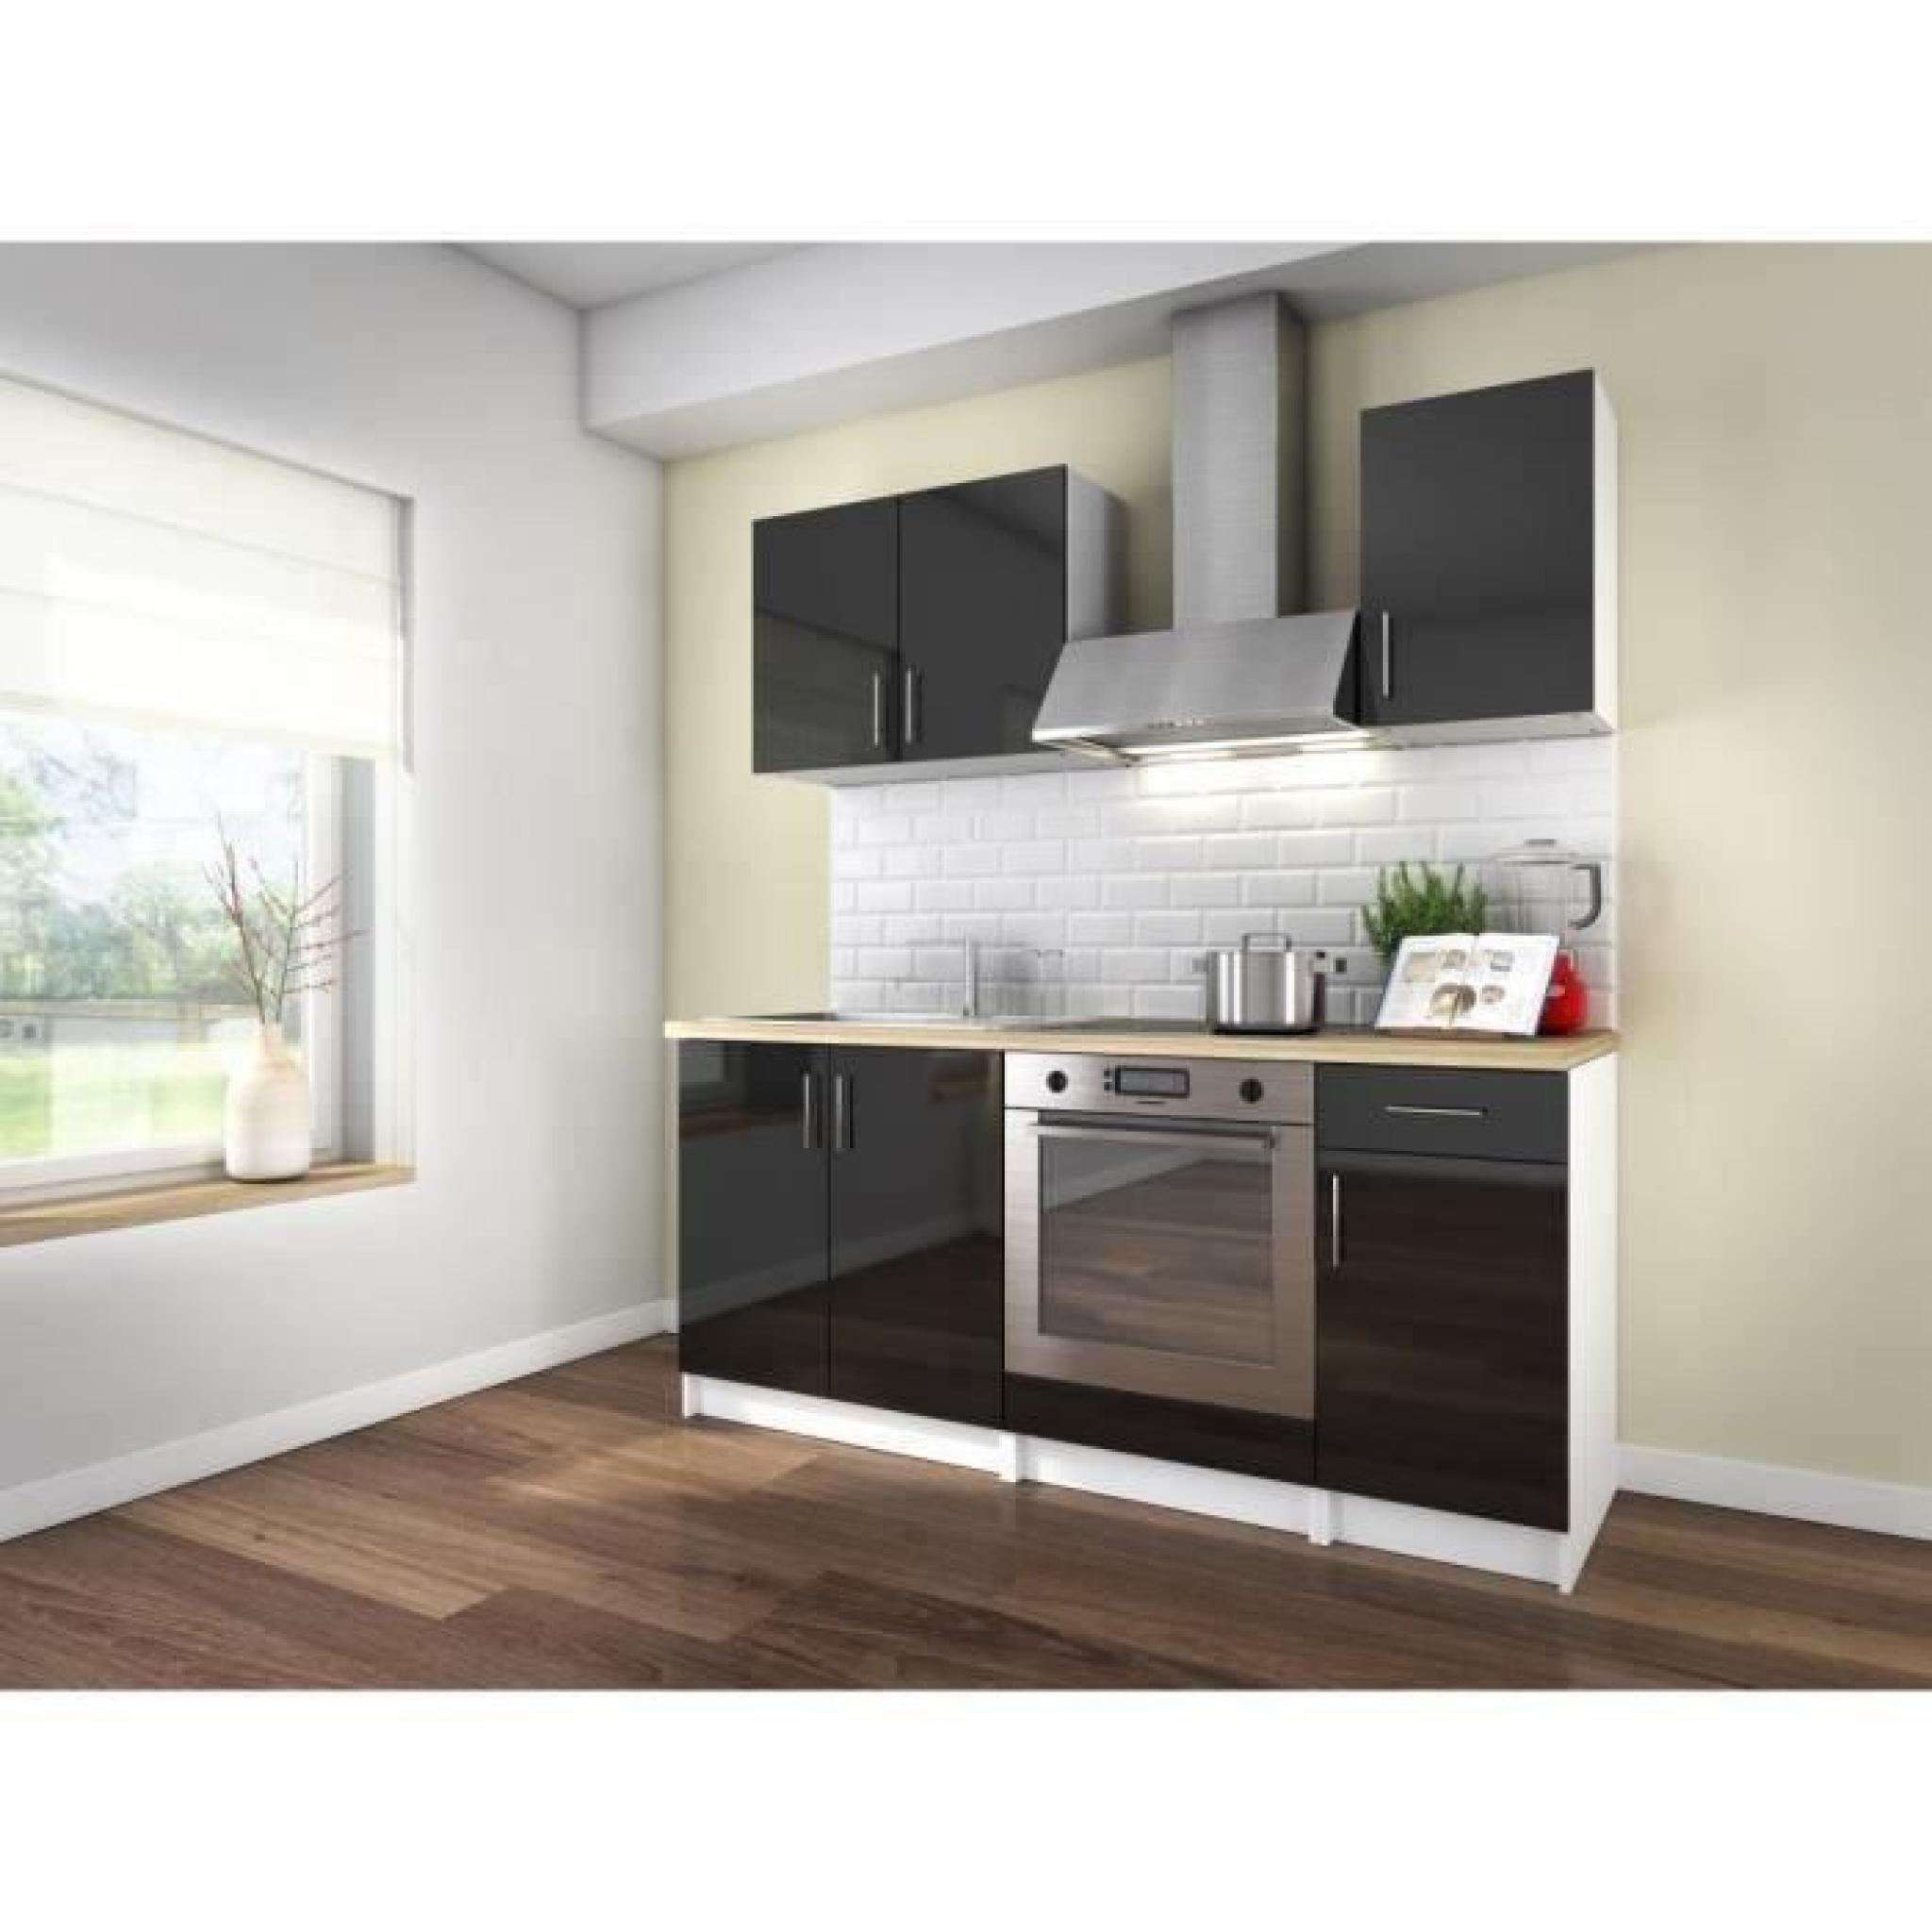 loft cuisine compl te 1m80 laqu noir haute brillance achat vente cuisine complete pas cher. Black Bedroom Furniture Sets. Home Design Ideas